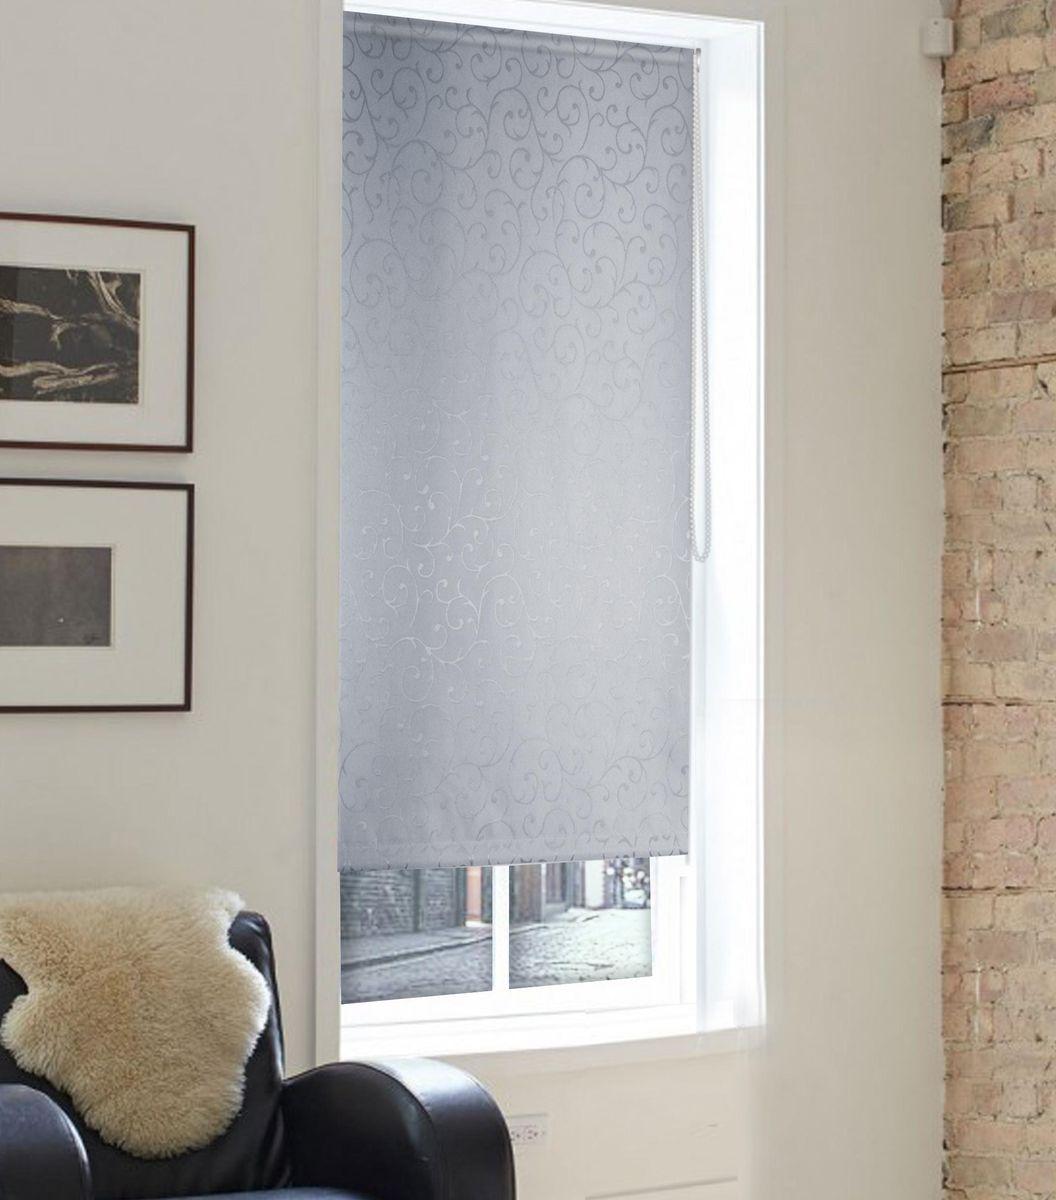 Штора рулонная Эскар Агат, цвет: серый, ширина 60 см, высота 160 см87022060160Рулонными шторами можно оформлять окна как самостоятельно, так и использовать в комбинации с портьерами. Это поможет предотвратить выгорание дорогой ткани на солнце и соединит функционал рулонных с красотой навесных. Преимущества применения рулонных штор для пластиковых окон: - имеют прекрасный внешний вид: многообразие и фактурность материала изделия отлично смотрятся в любом интерьере; - многофункциональны: есть возможность подобрать шторы способные эффективно защитить комнату от солнца, при этом она не будет слишком темной. - Есть возможность осуществить быстрый монтаж. ВНИМАНИЕ! Размеры ширины изделия указаны по ширине ткани! Во время эксплуатации не рекомендуется полностью разматывать рулон, чтобы не оторвать ткань от намоточного вала. В случае загрязнения поверхности ткани, чистку шторы проводят одним из способов, в зависимости от типа загрязнения: легкое поверхностное загрязнение можно удалить при...